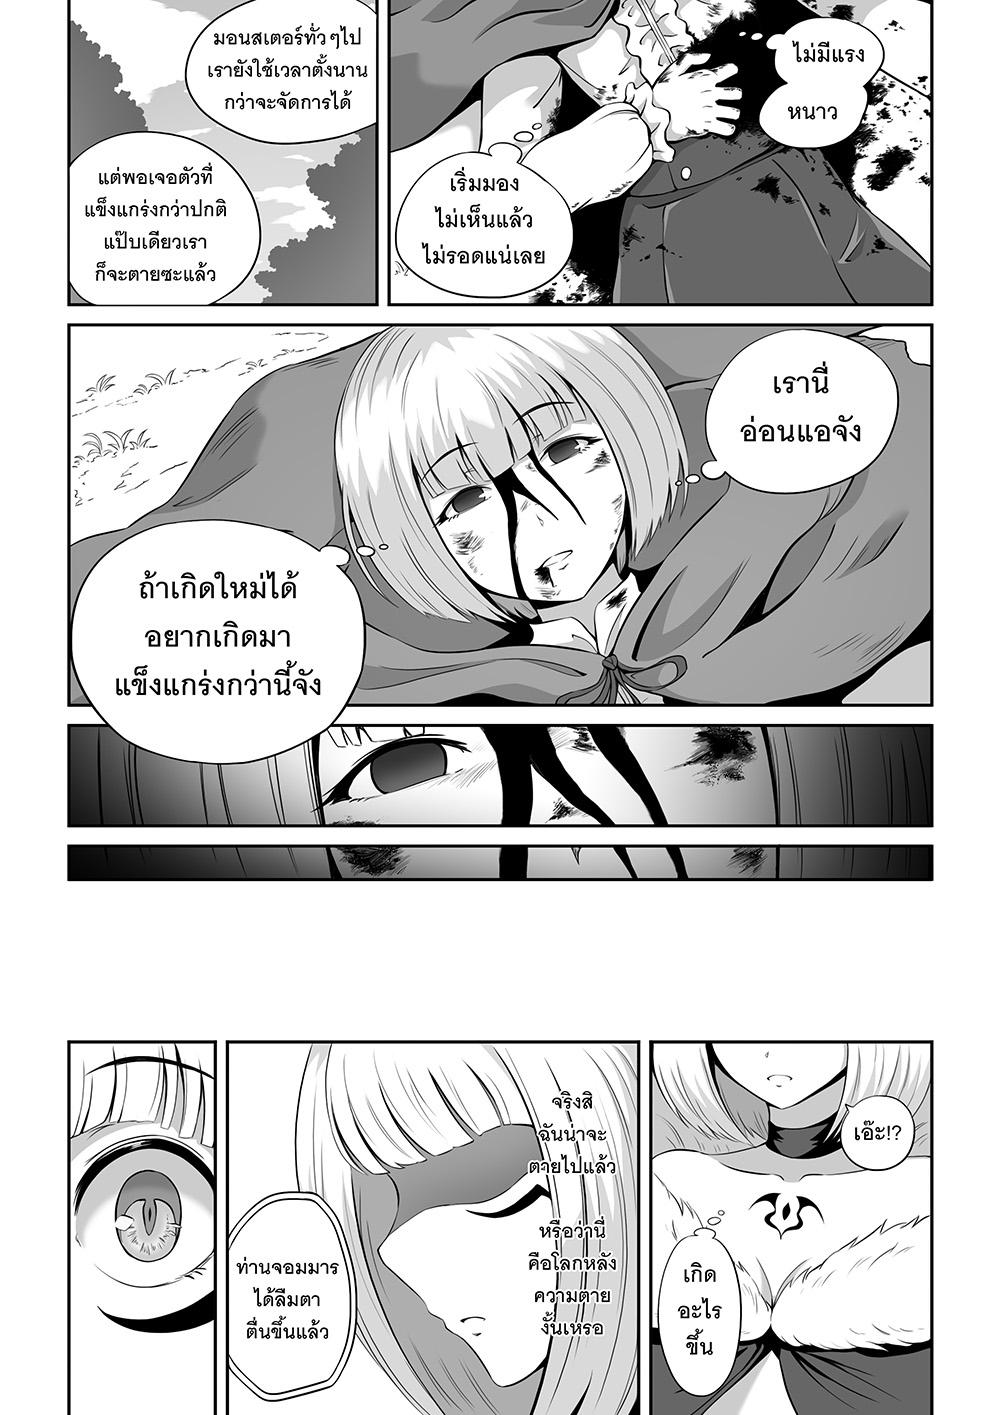 อ่านการ์ตูน LUNA The New Demonlord ตอนที่ 1 หน้า 5